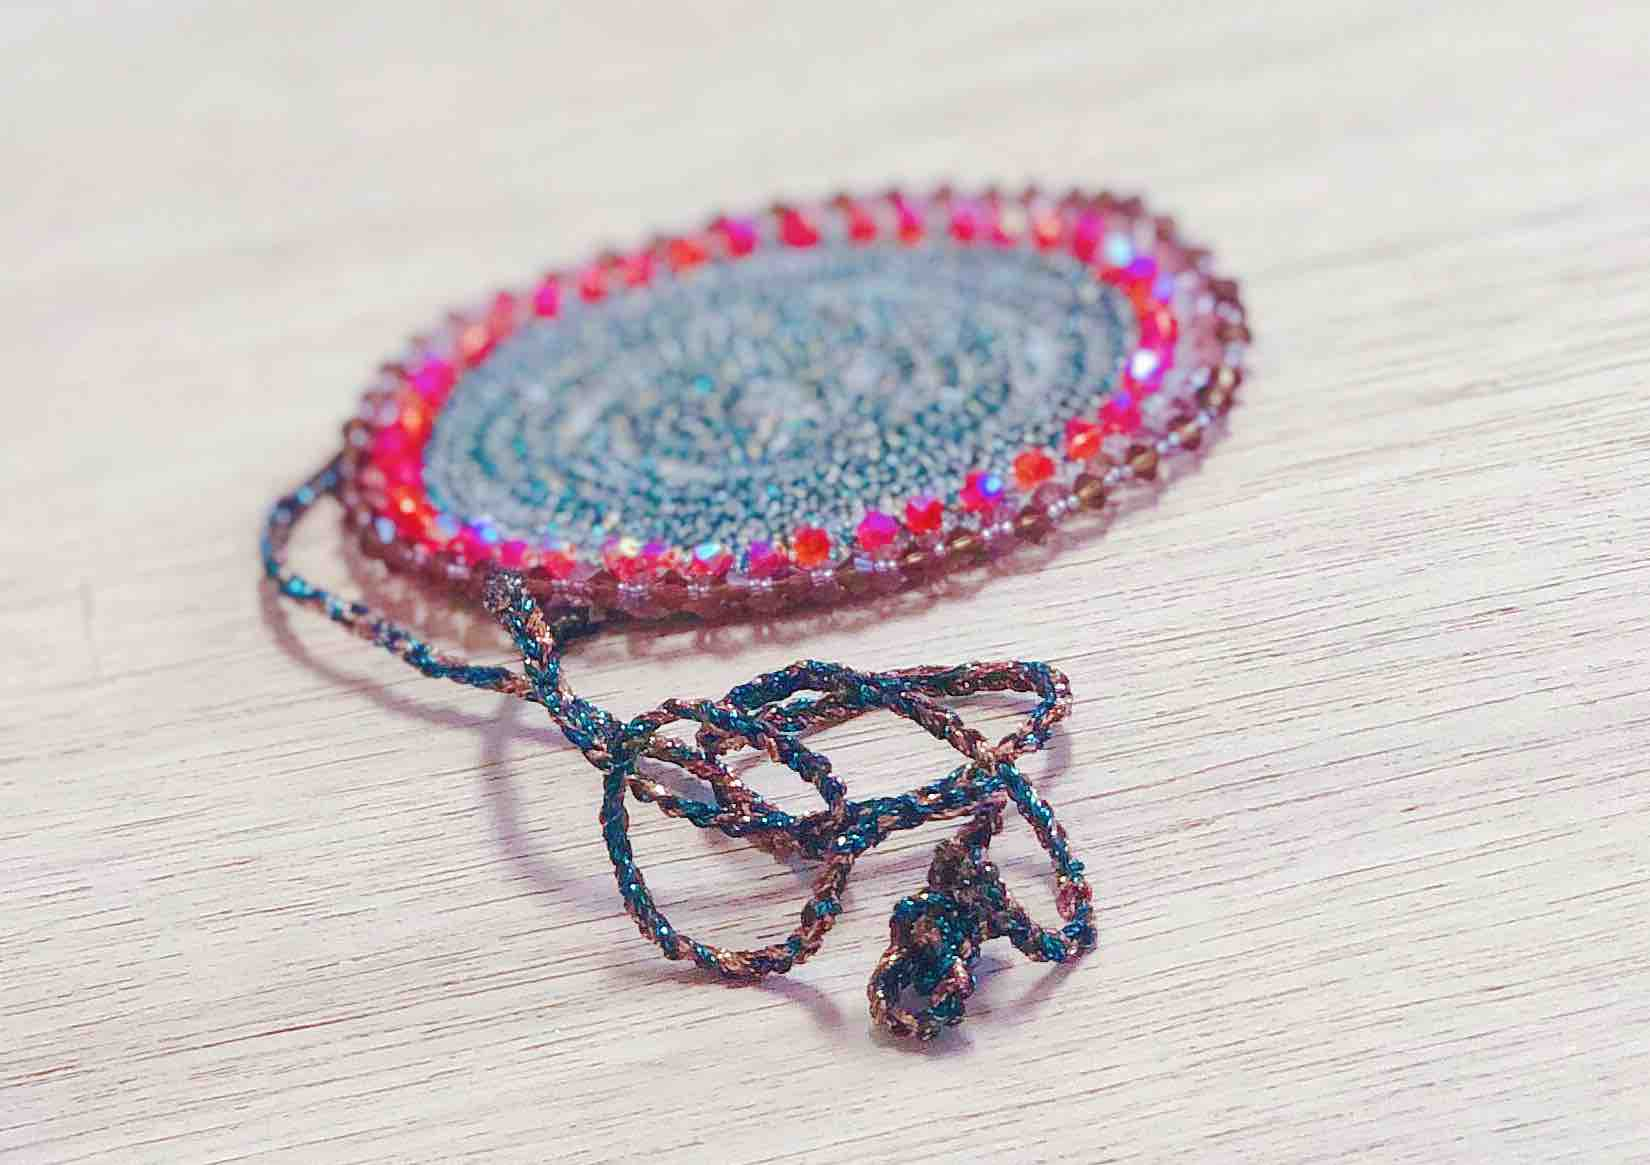 bijoux realizzato con il piedino 21 e i filati glamour